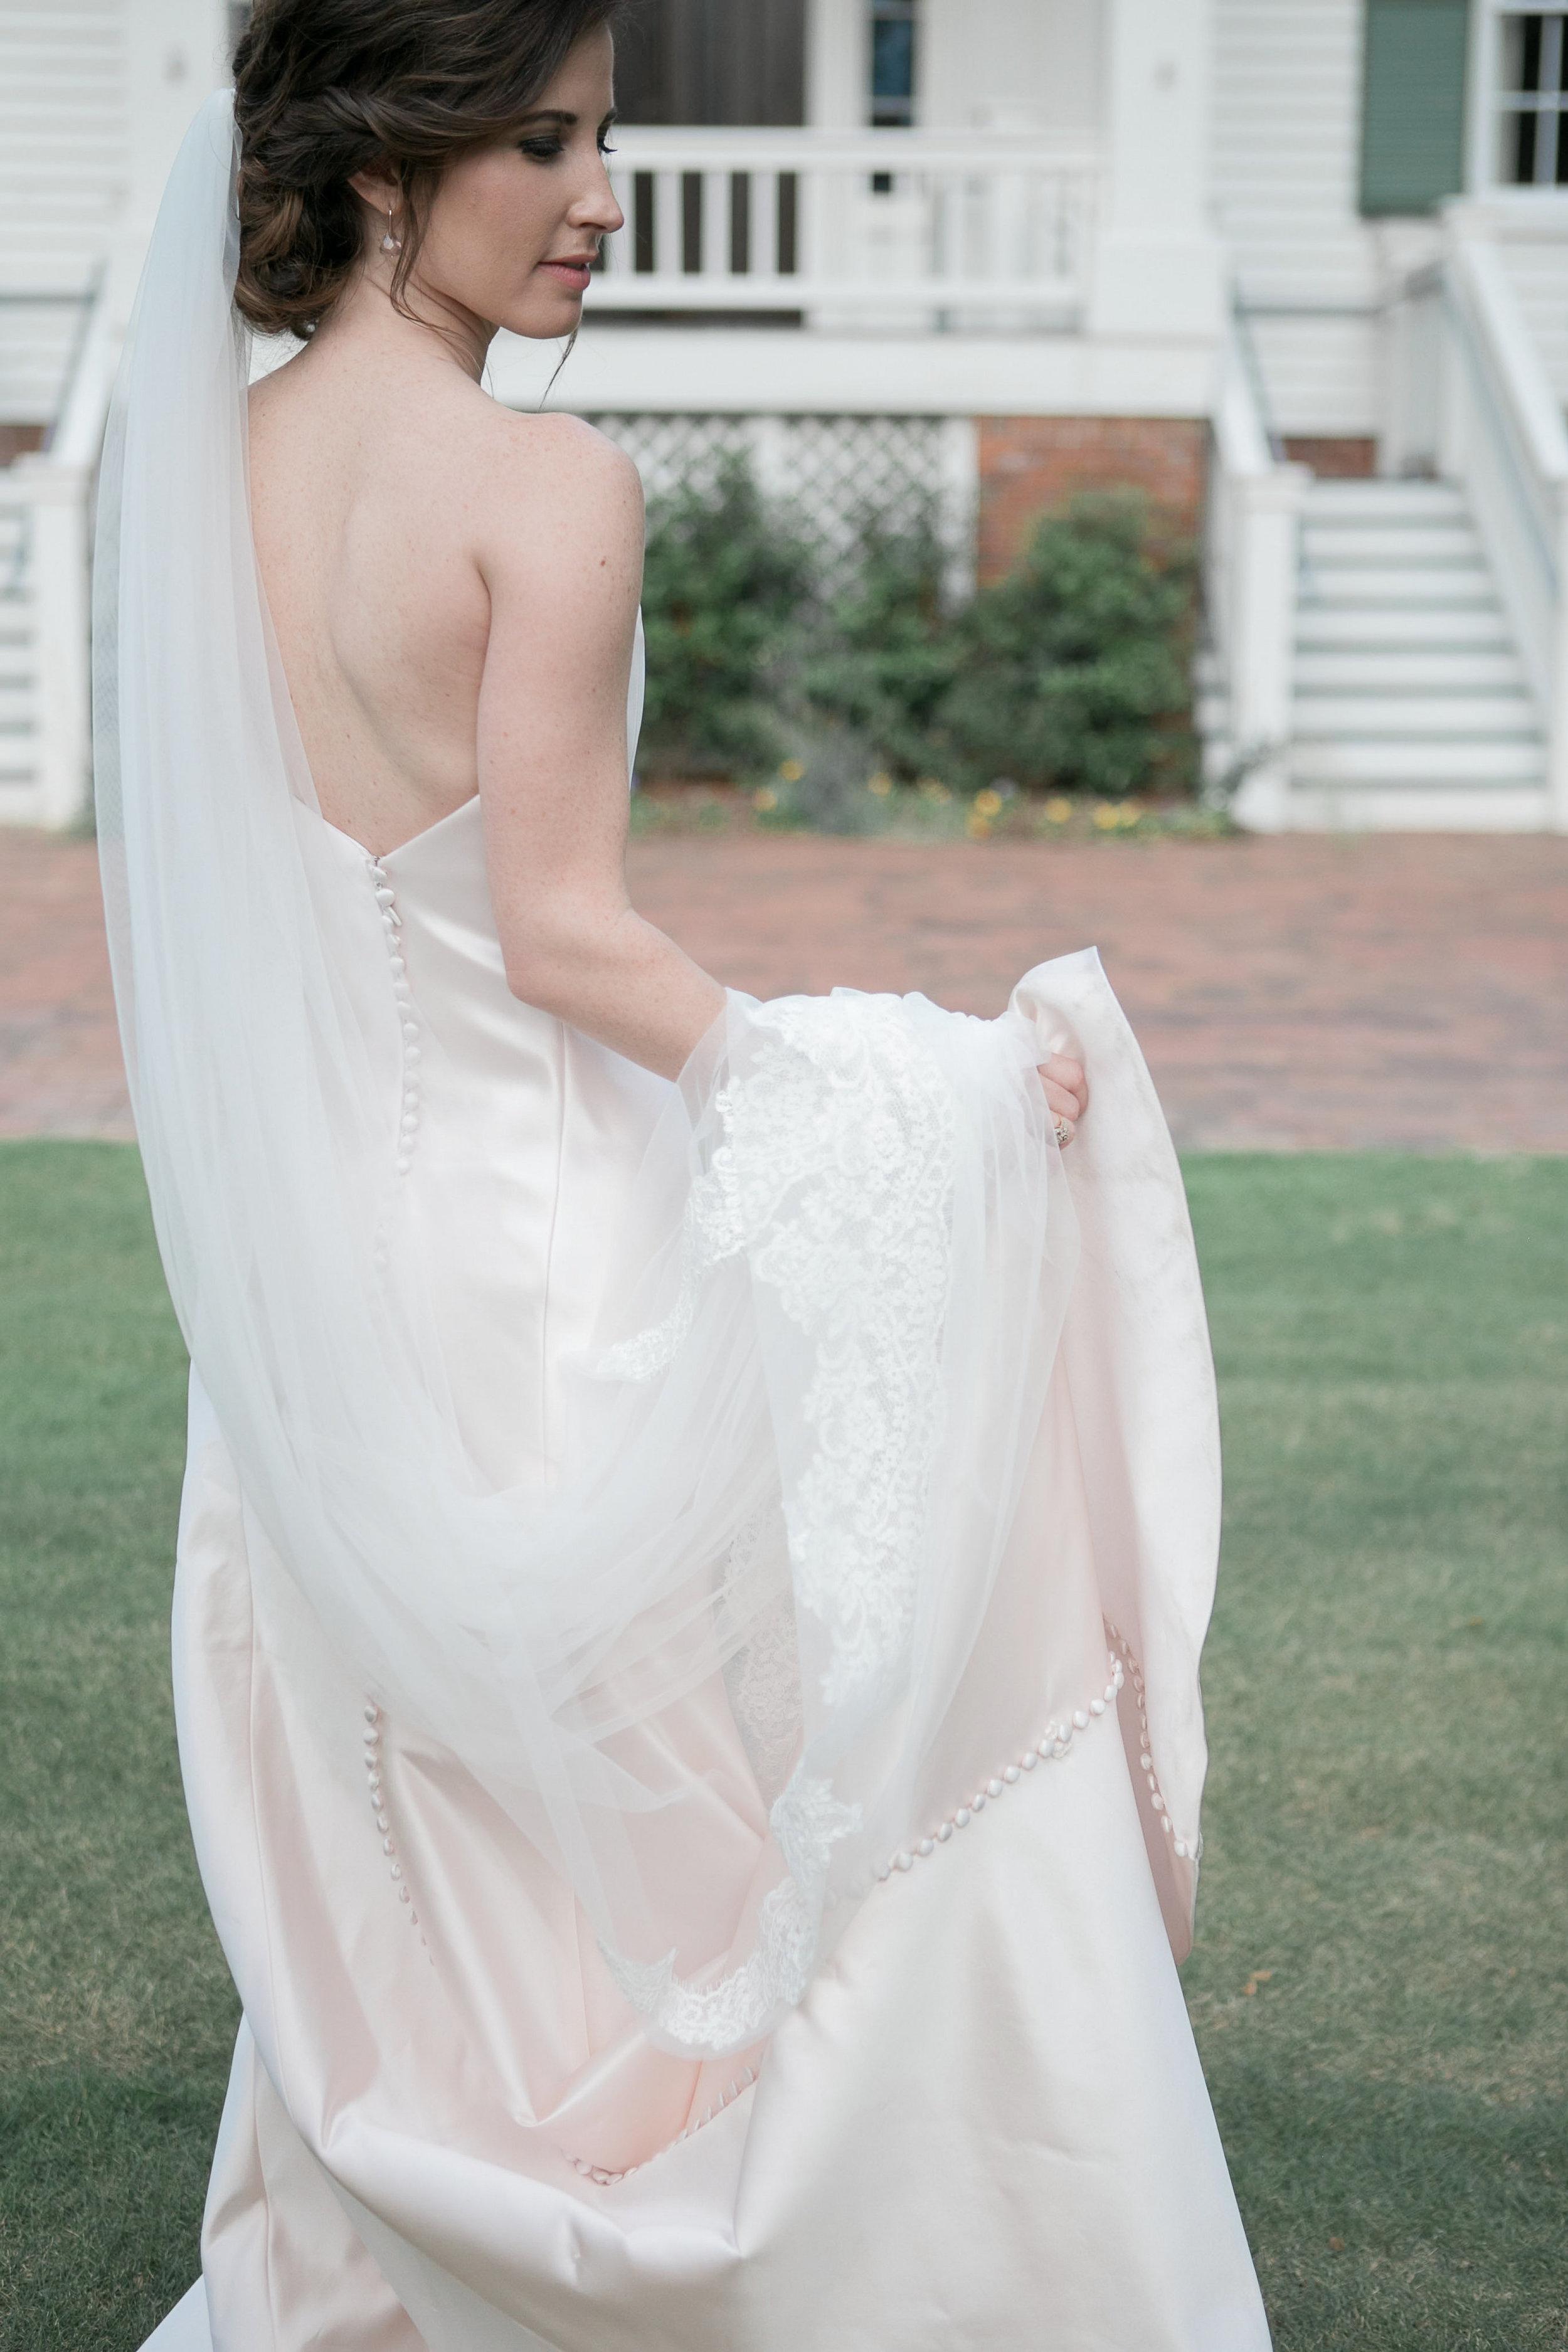 kelseywedding-bride and groom-0012.jpg